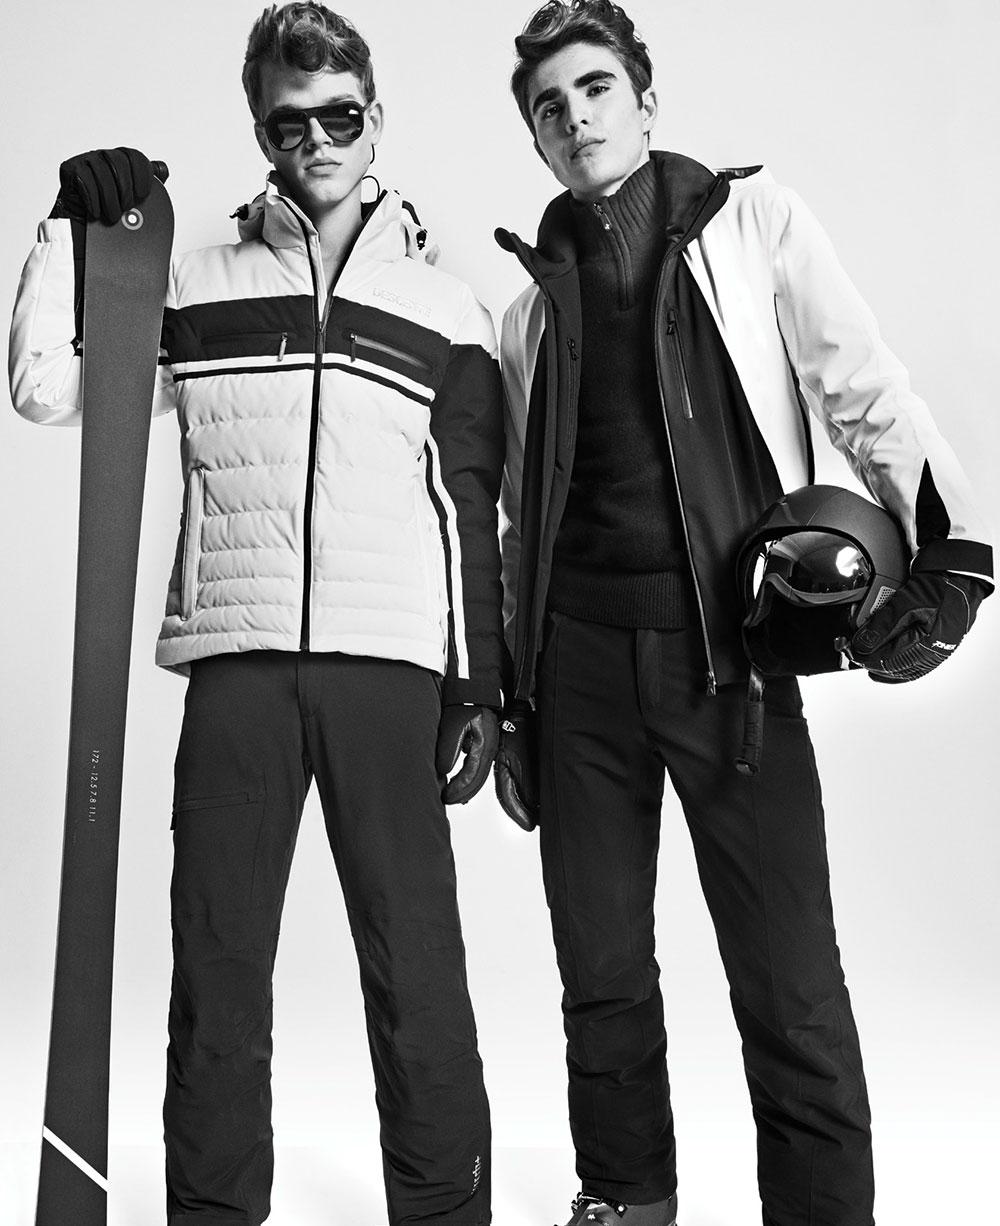 2016-winter-fashion-spread-2